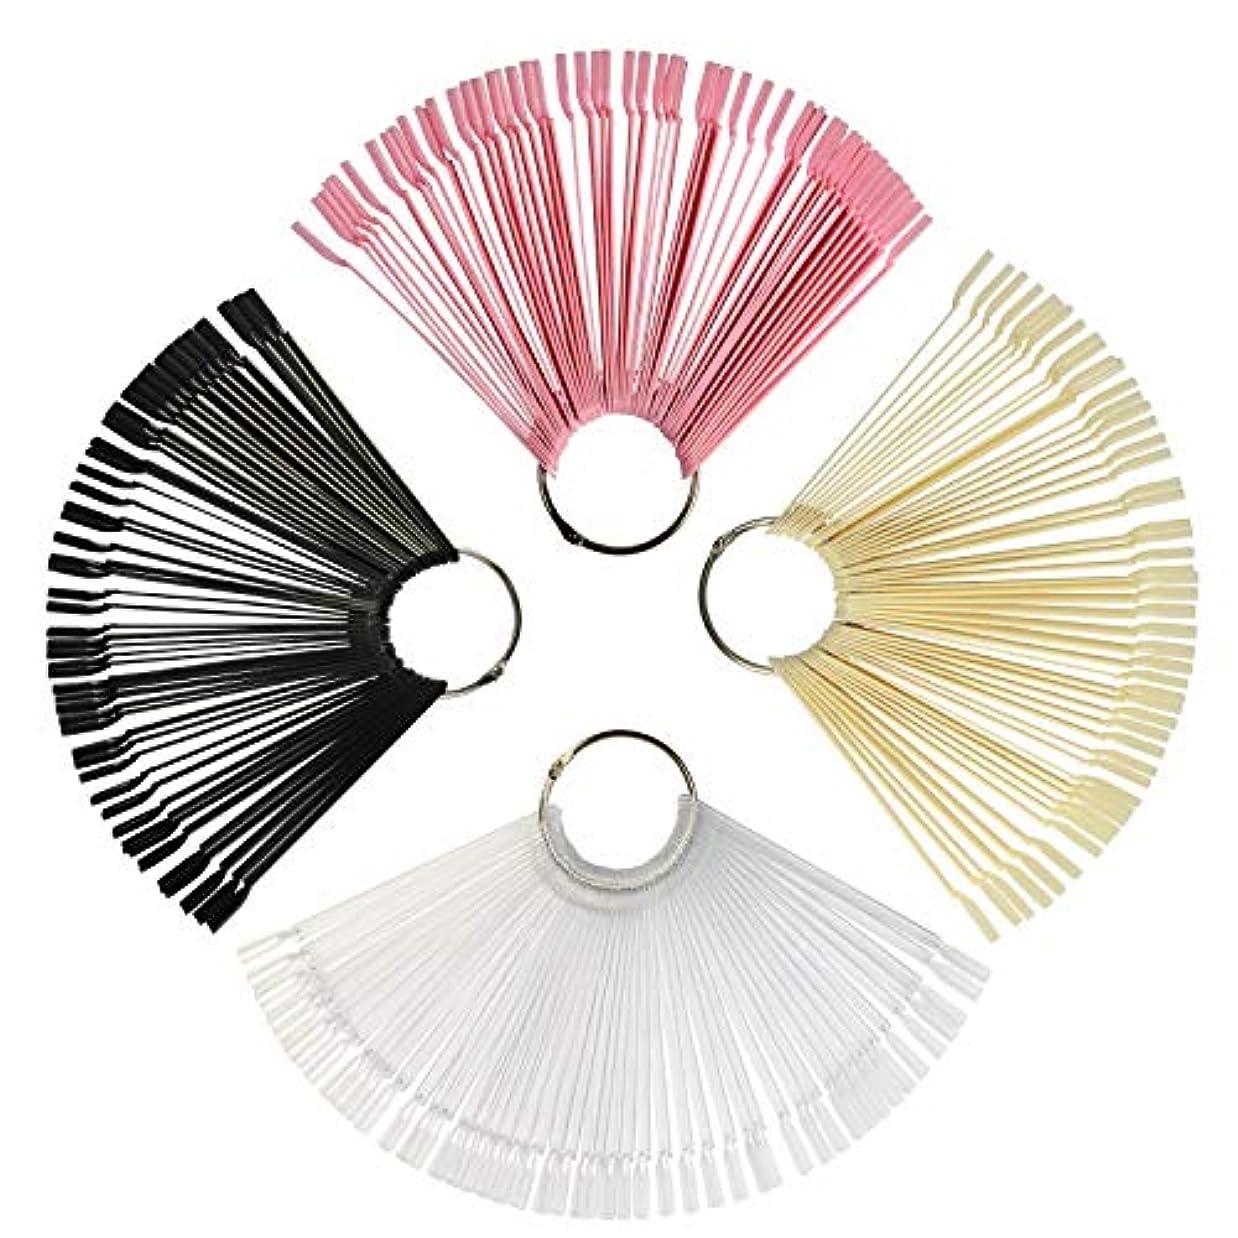 メンタルパパに向けて出発ネイルカラーチャート KAKOO スティック式 200枚 4色(透明?ブラック?ピンク?ナチュラルカラー) 4個リング付属 偽ネイル 練習用 ネイルアート チップ クリア カラーチャートサンプル 見本カラーチャート